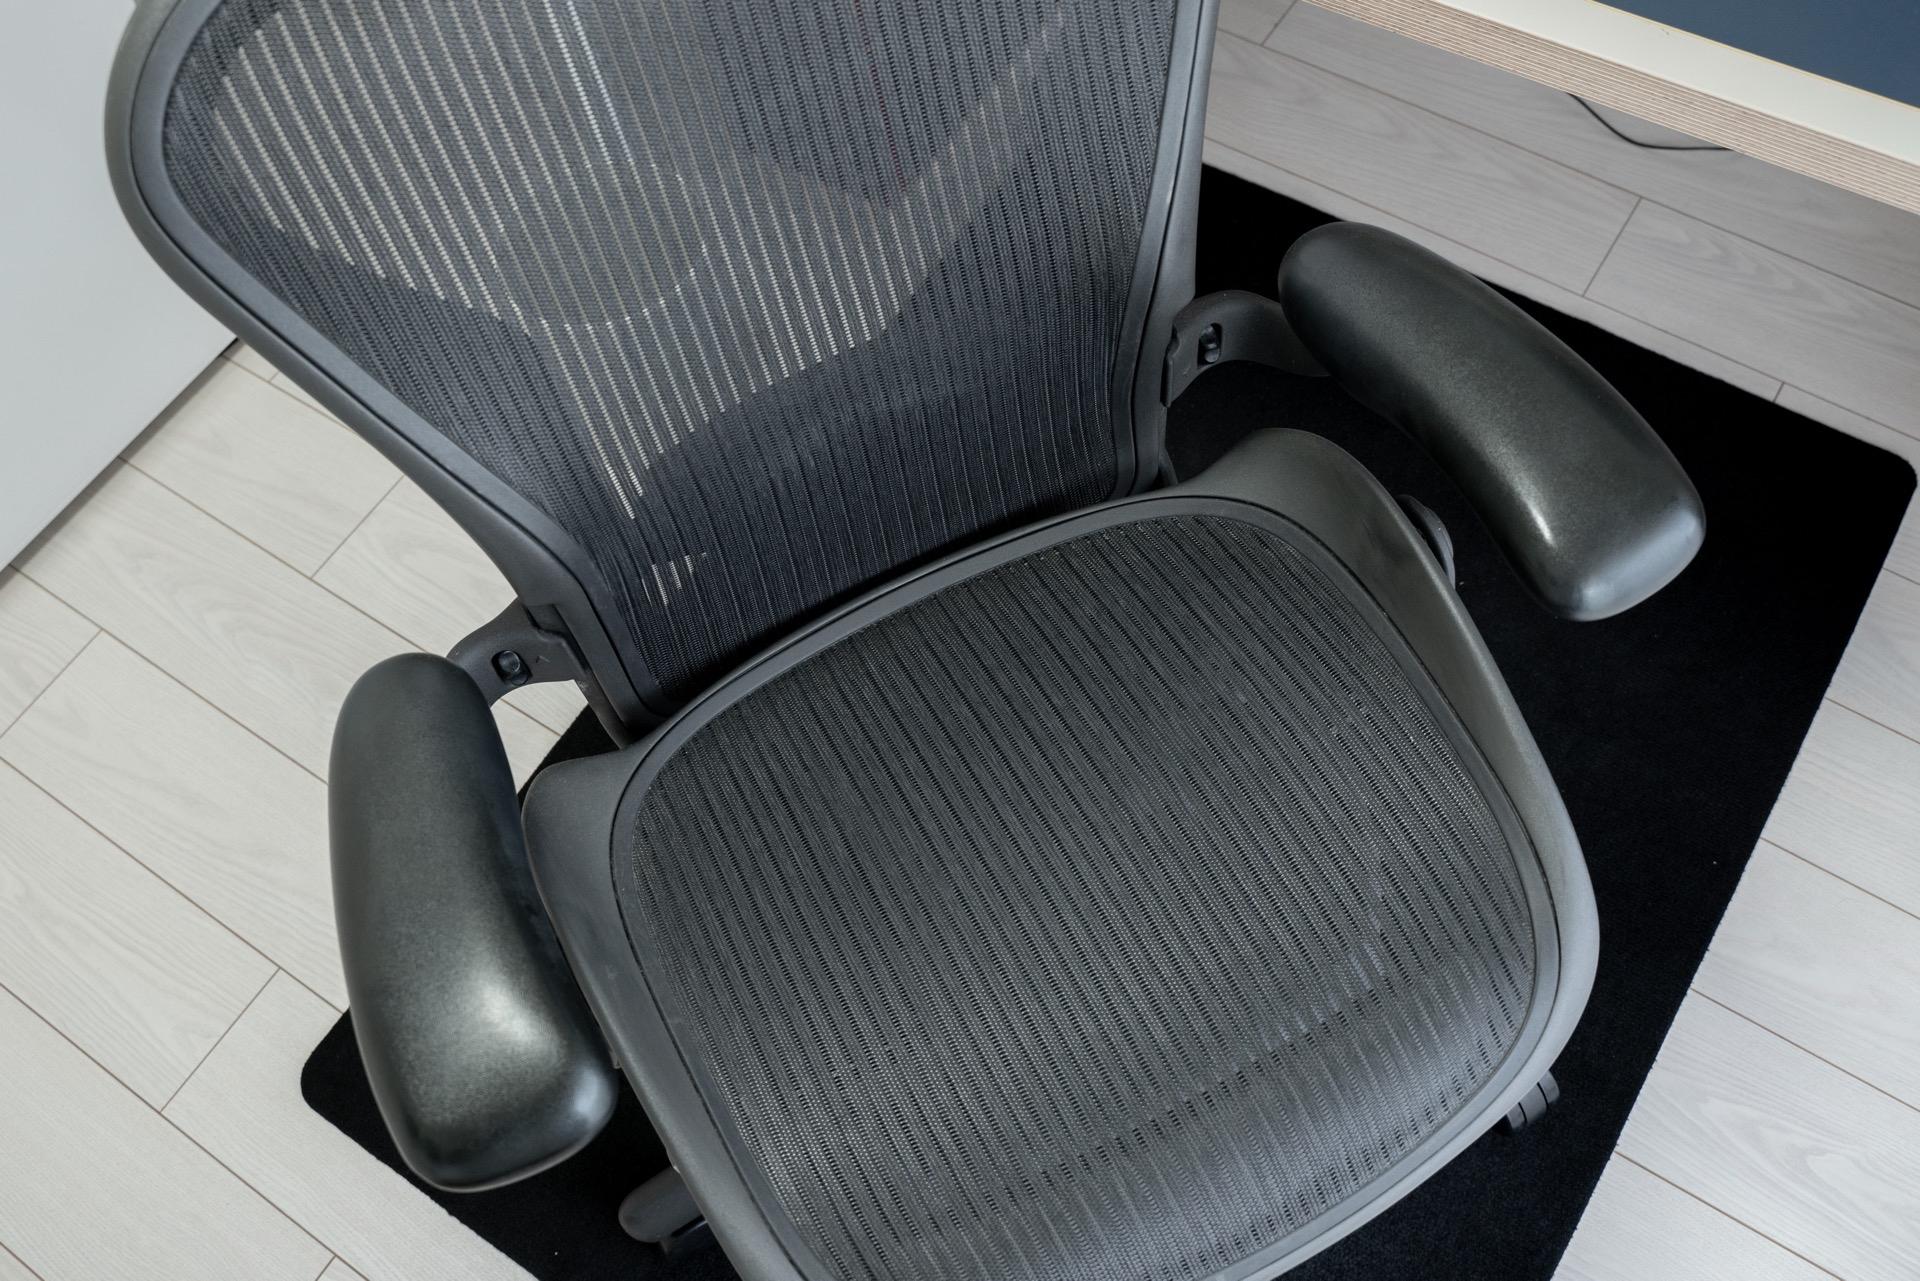 いい椅子夢気分。椅子は中古もいいっすね。